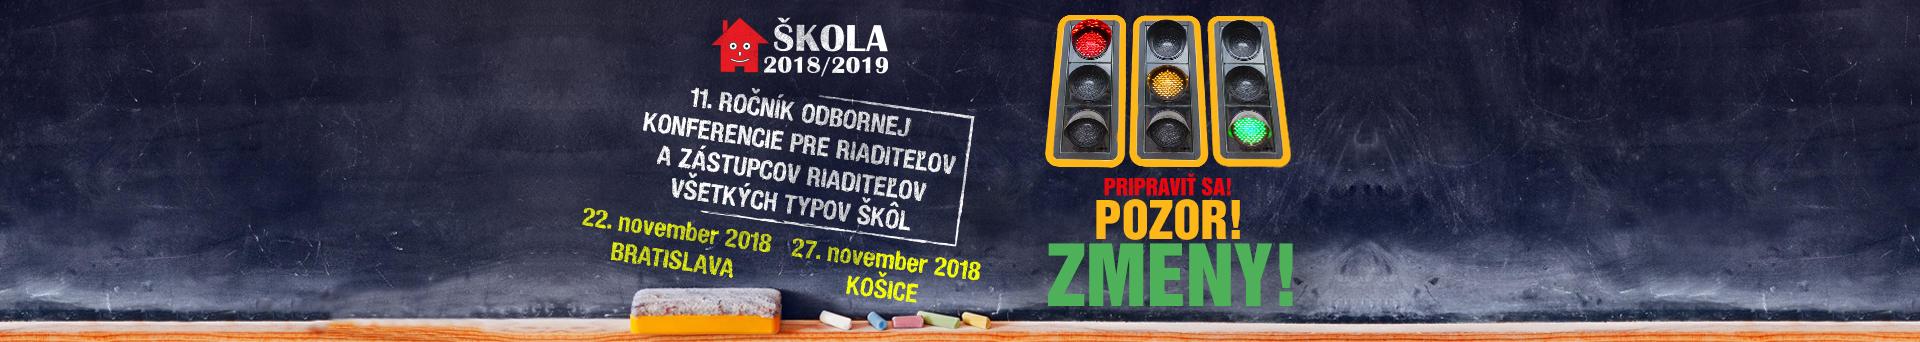 konferencia ŠKOLA